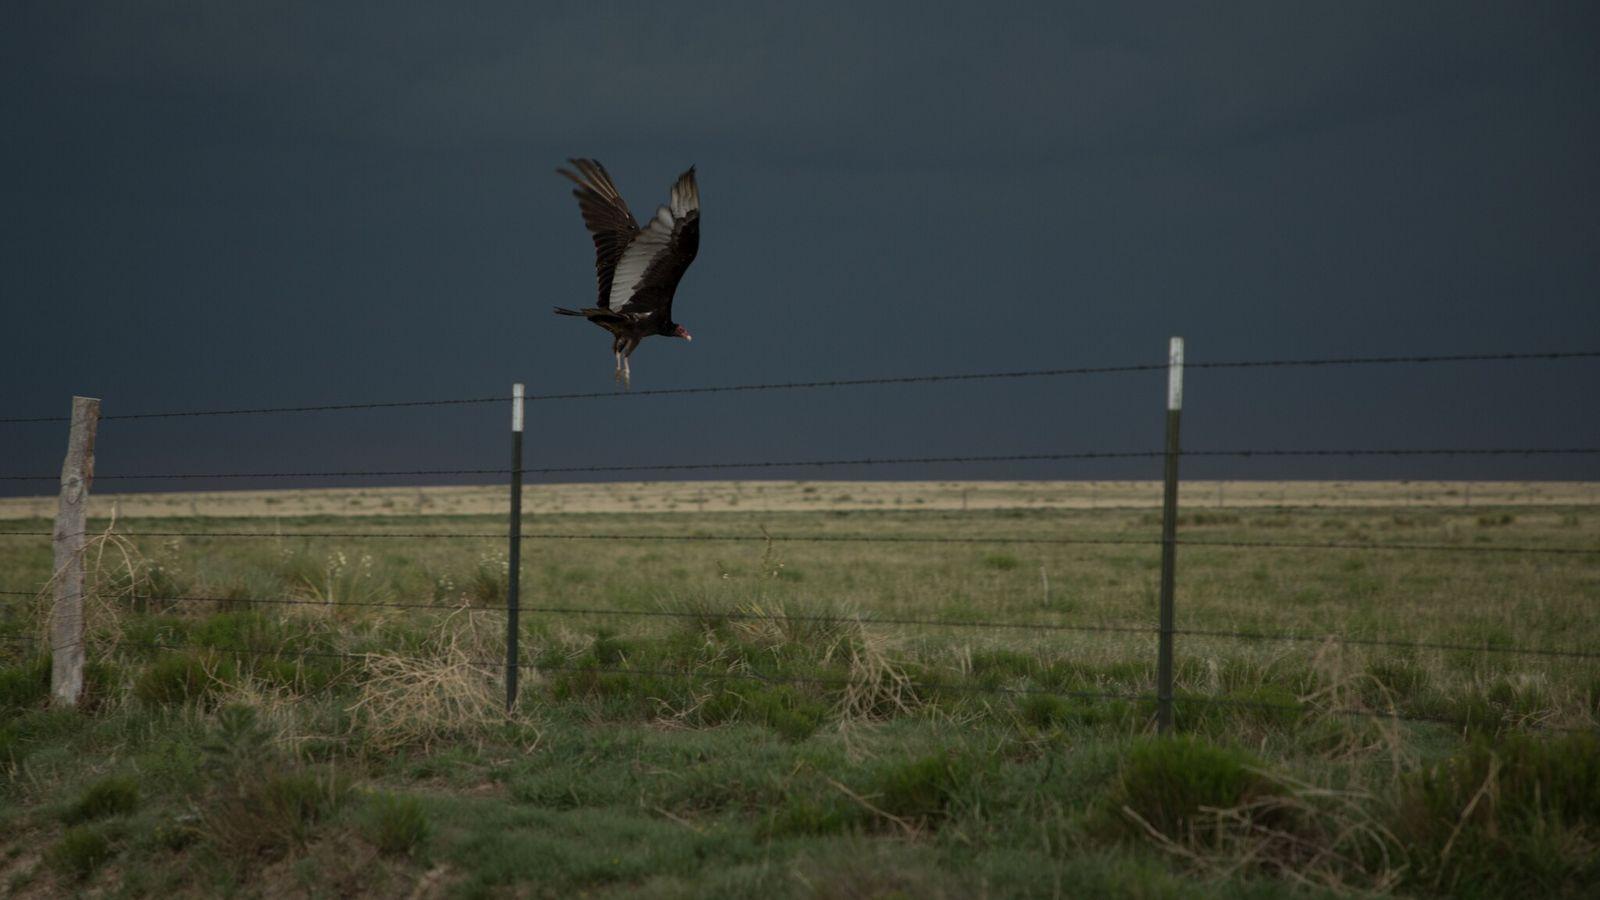 Urubus-de-cabeça-vermelha e seus parentes, os urubus-de-cabeça-preta, podem incomodar as pessoas. Mas cientistas afirmam que as aves ...